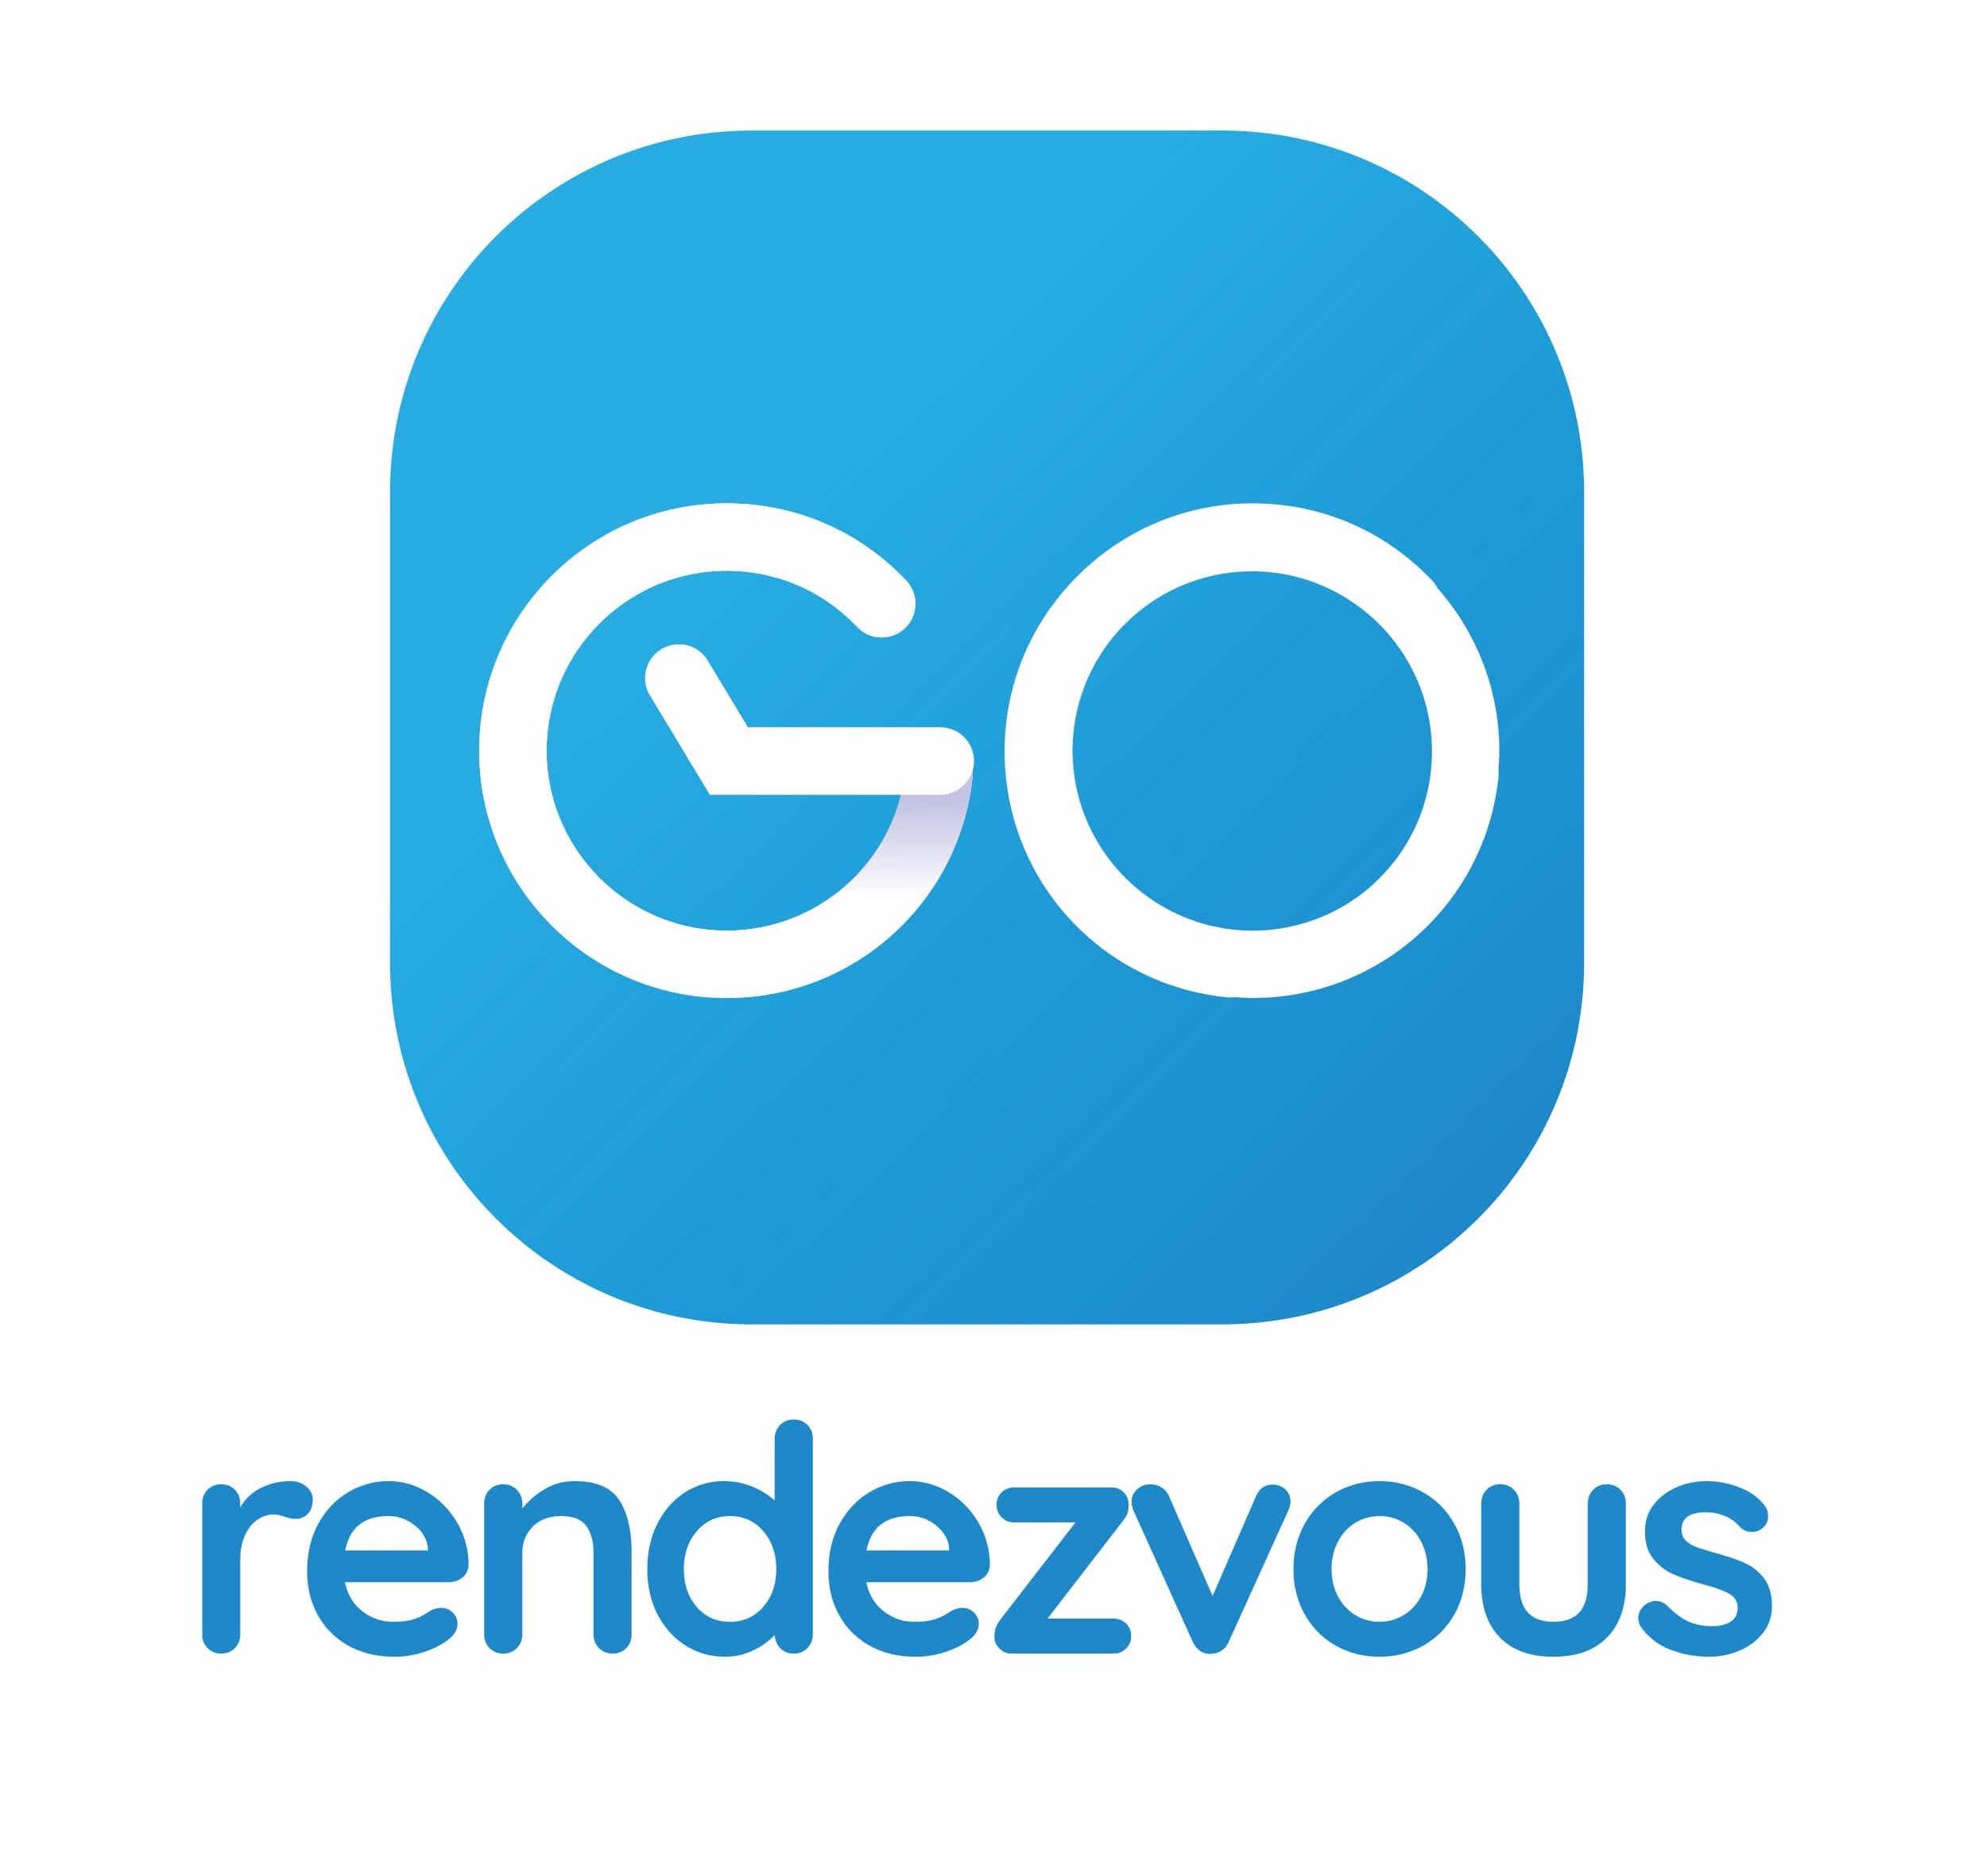 GOrendezvous